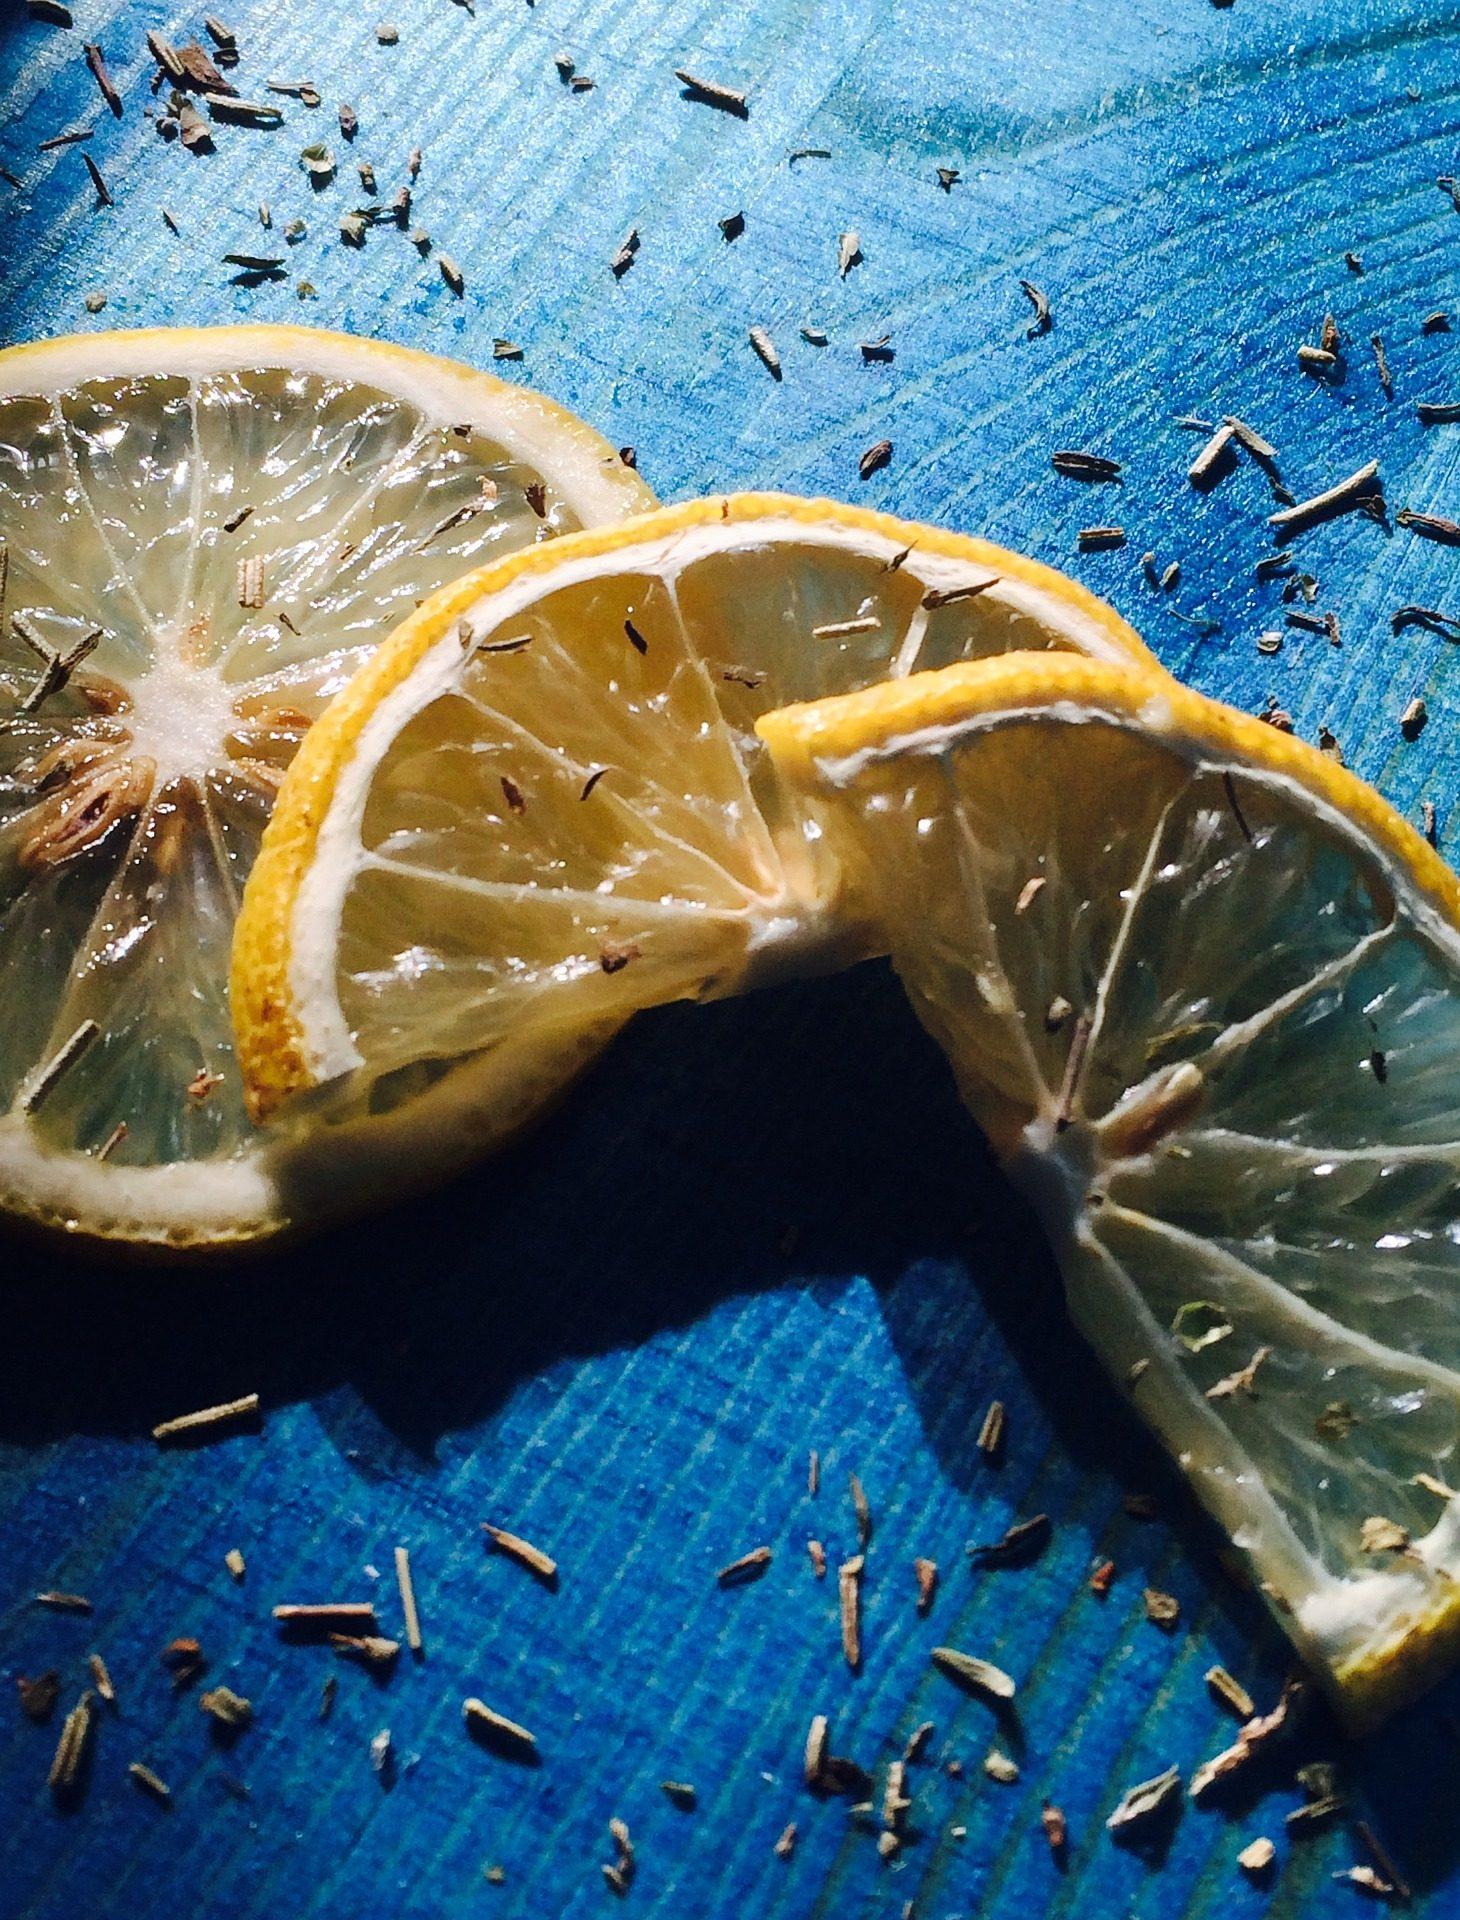 limone, fette, spezie, erbe, aromatico, legno - Sfondi HD - Professor-falken.com